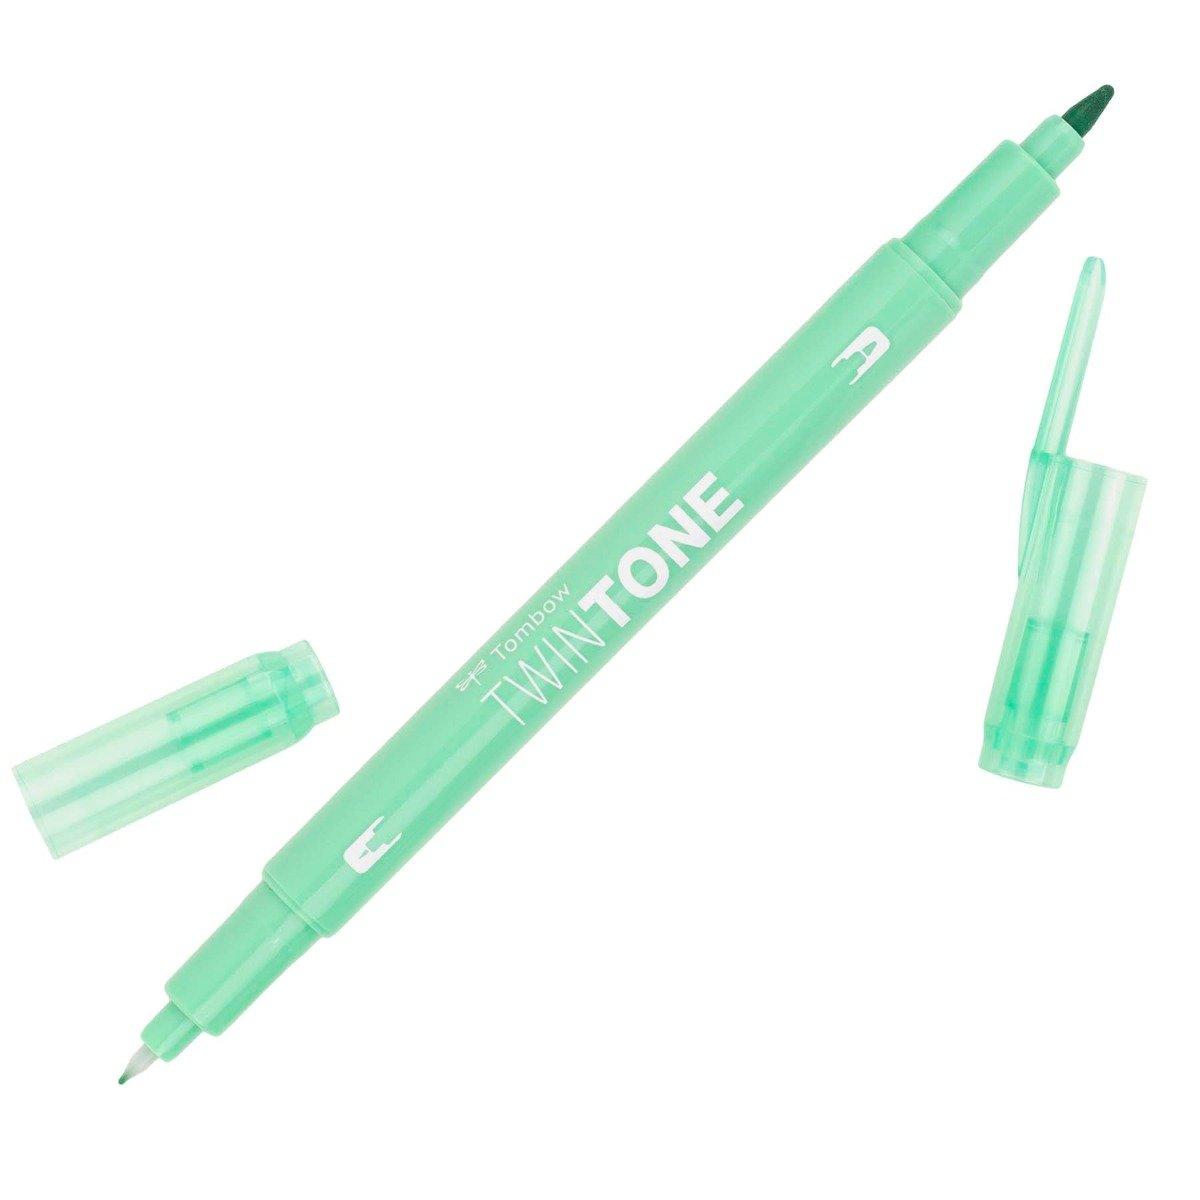 Tombow TwinTone Marker TT86 Mint Green